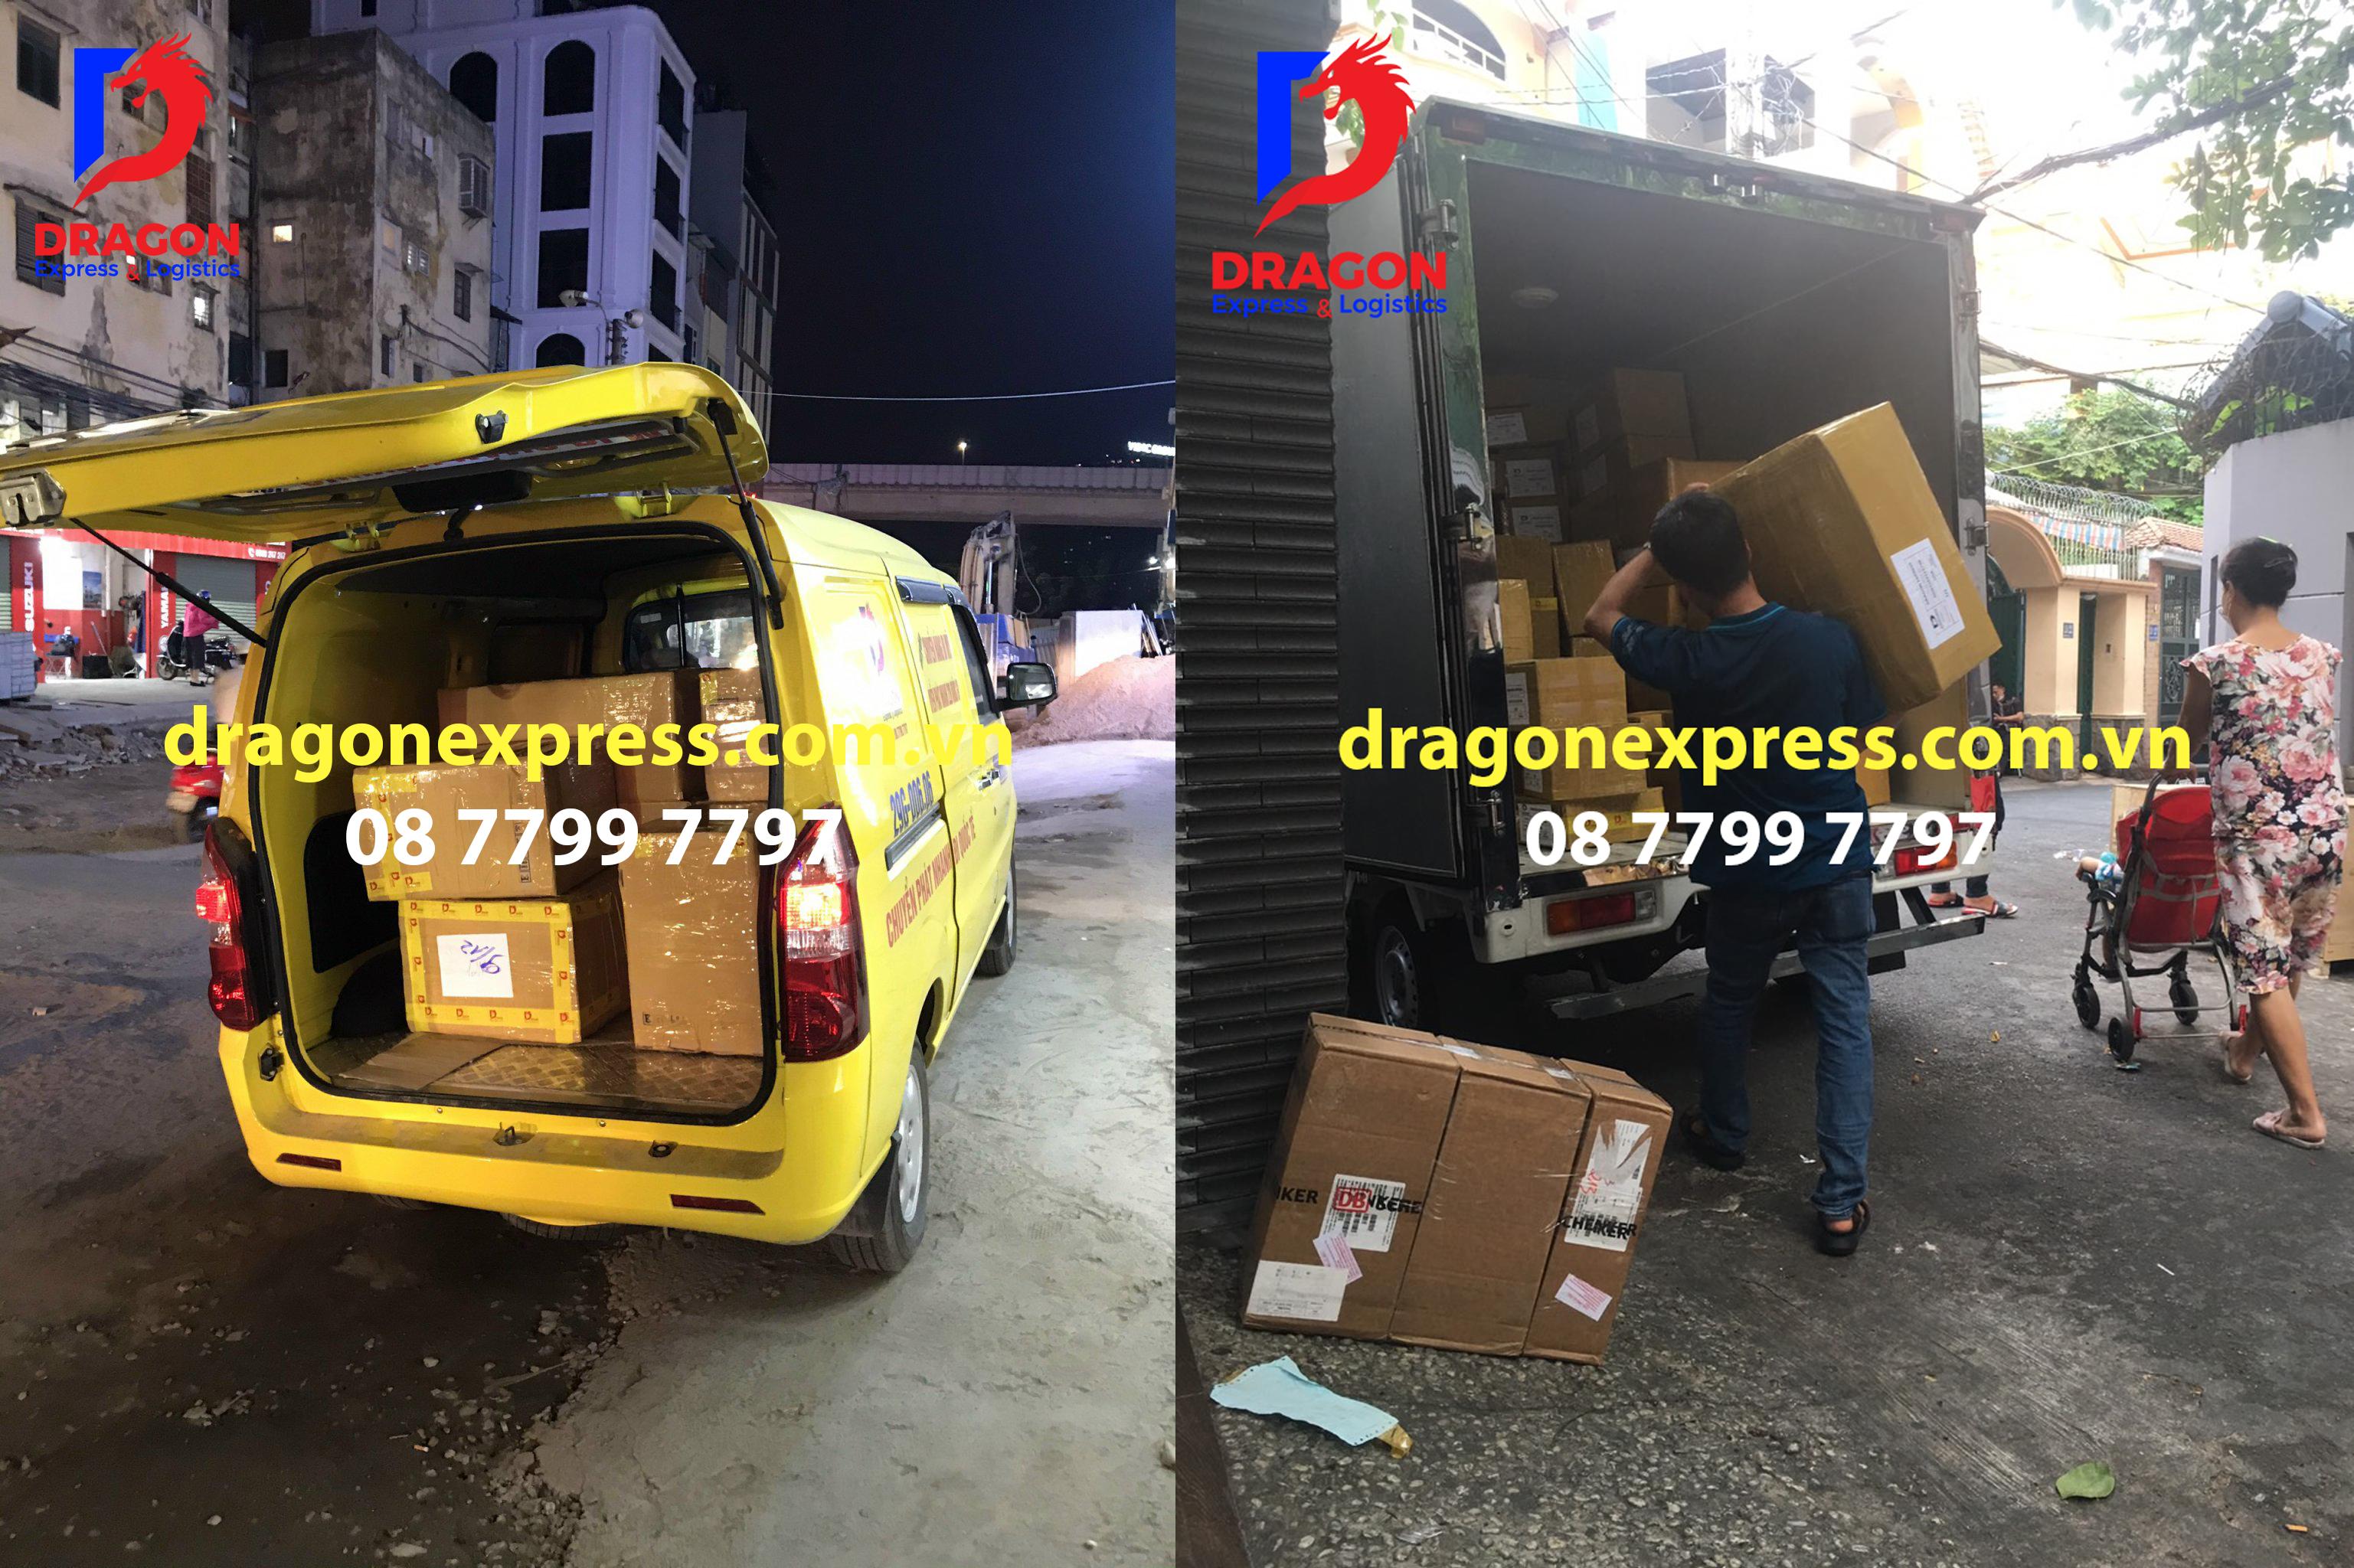 Dragon xuất hàng đi gửi hàng